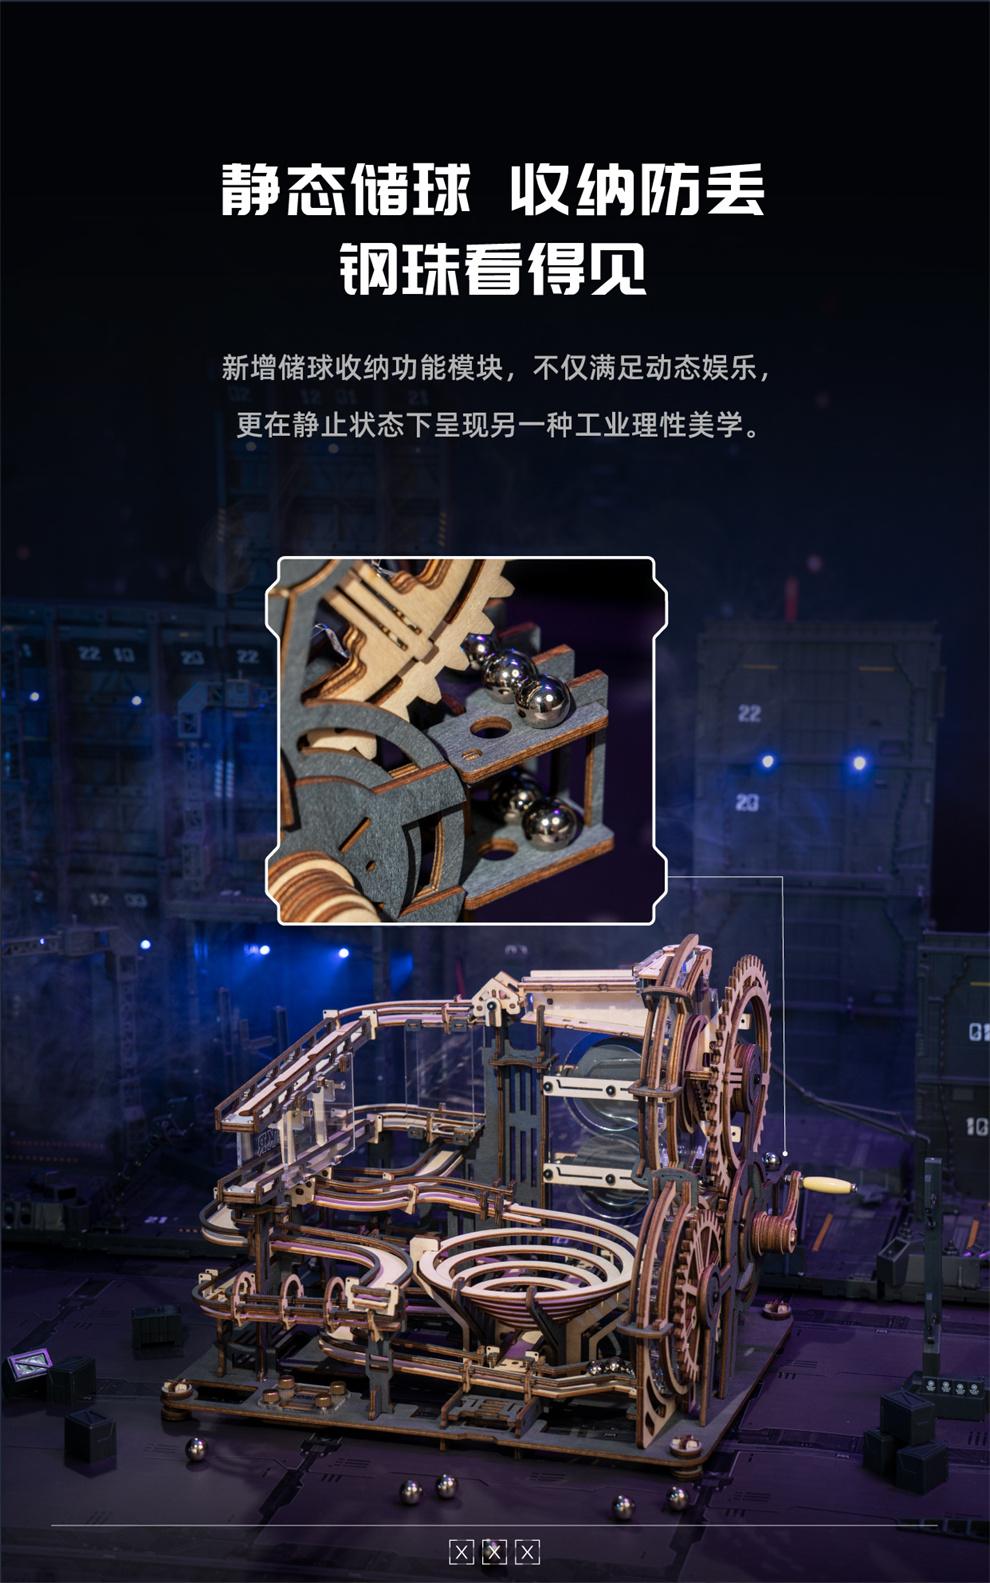 若态若客ROKR 3d立体拼图 LGA01夜城(全新升级版) 械城轨迹